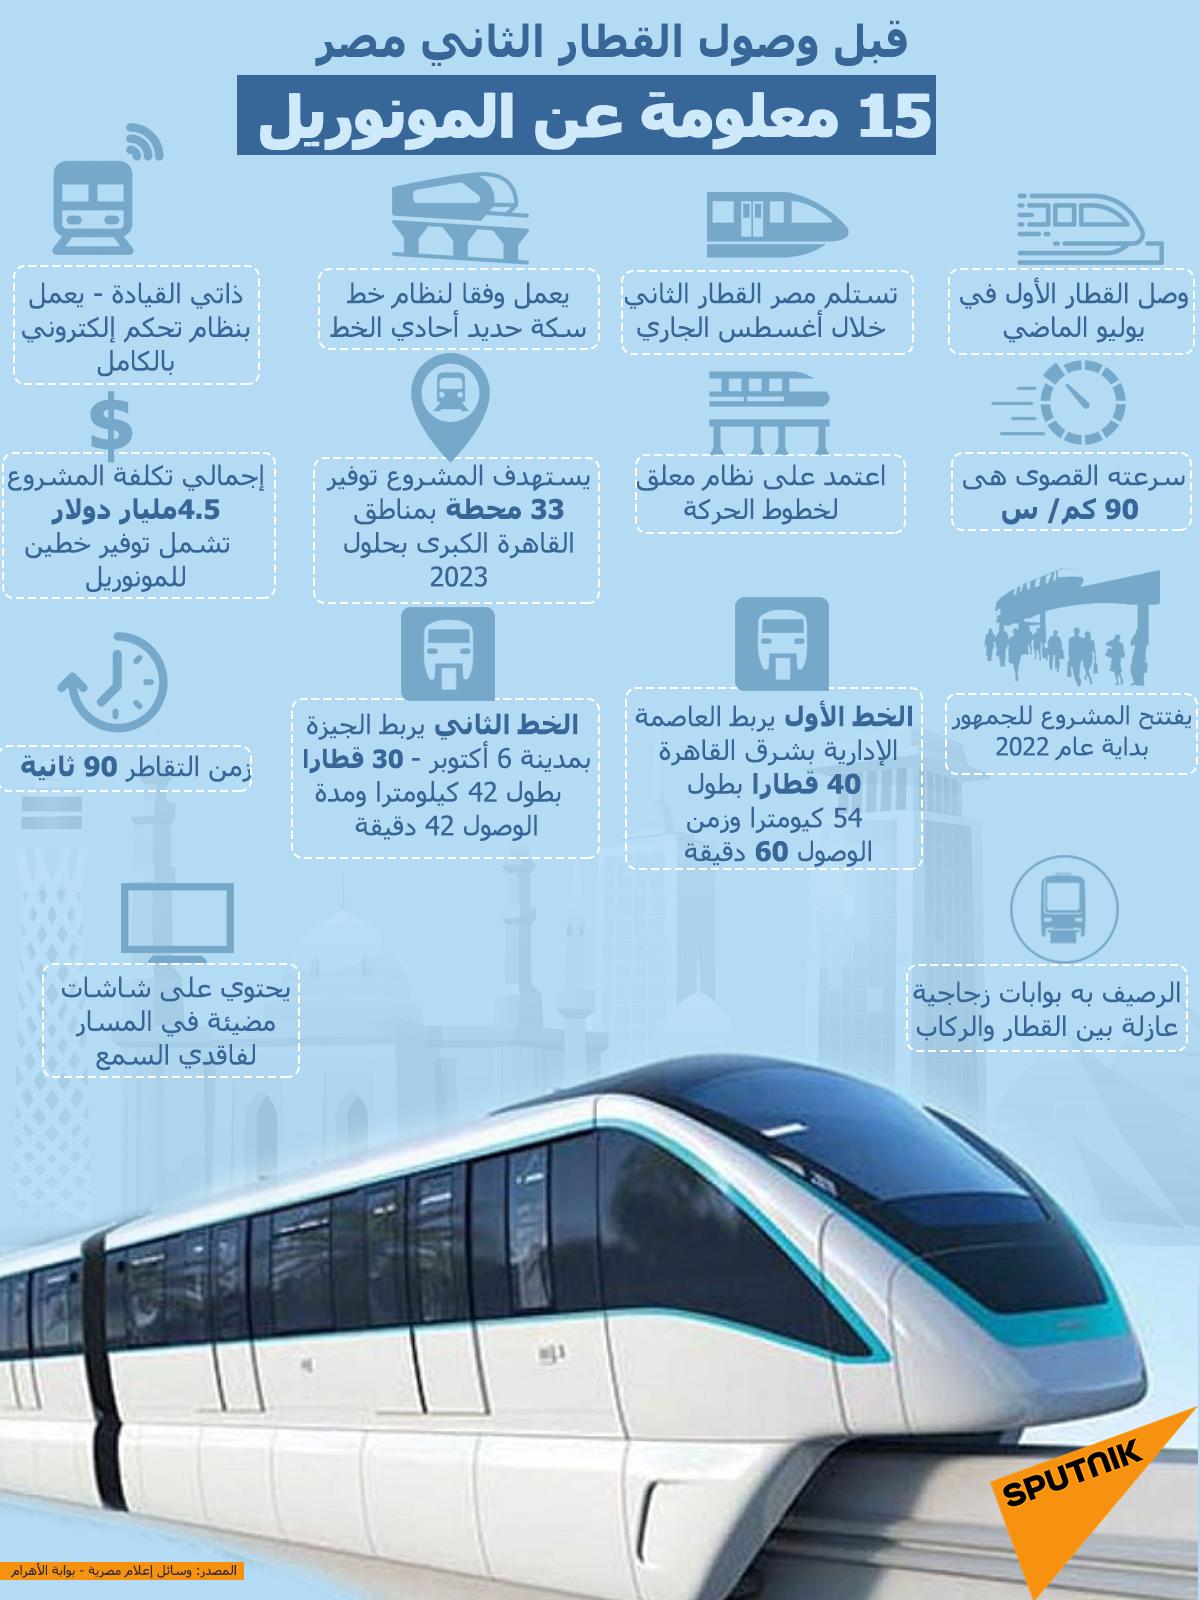 قبل وصول القطار الثاني مصر... 15 معلومة عن المونوريل